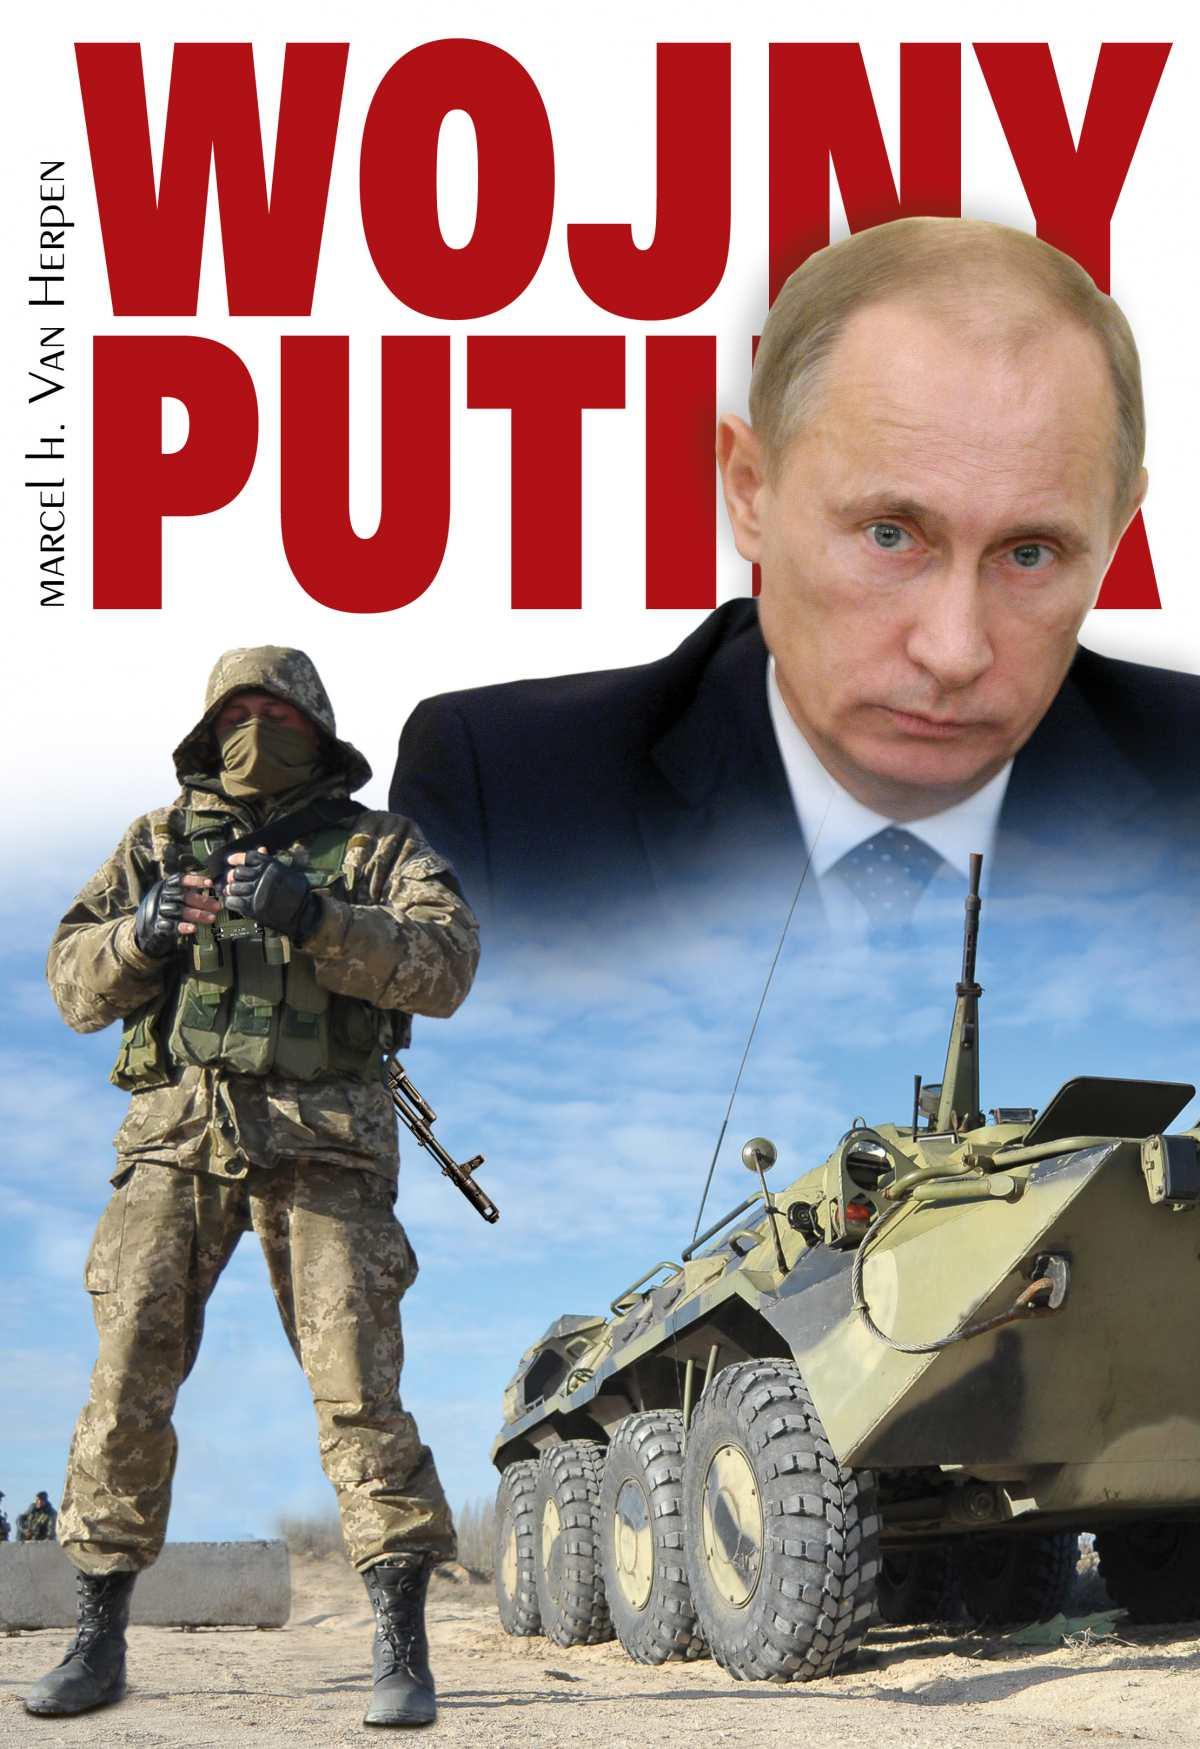 Wojny Putina - Ebook (Książka EPUB) do pobrania w formacie EPUB